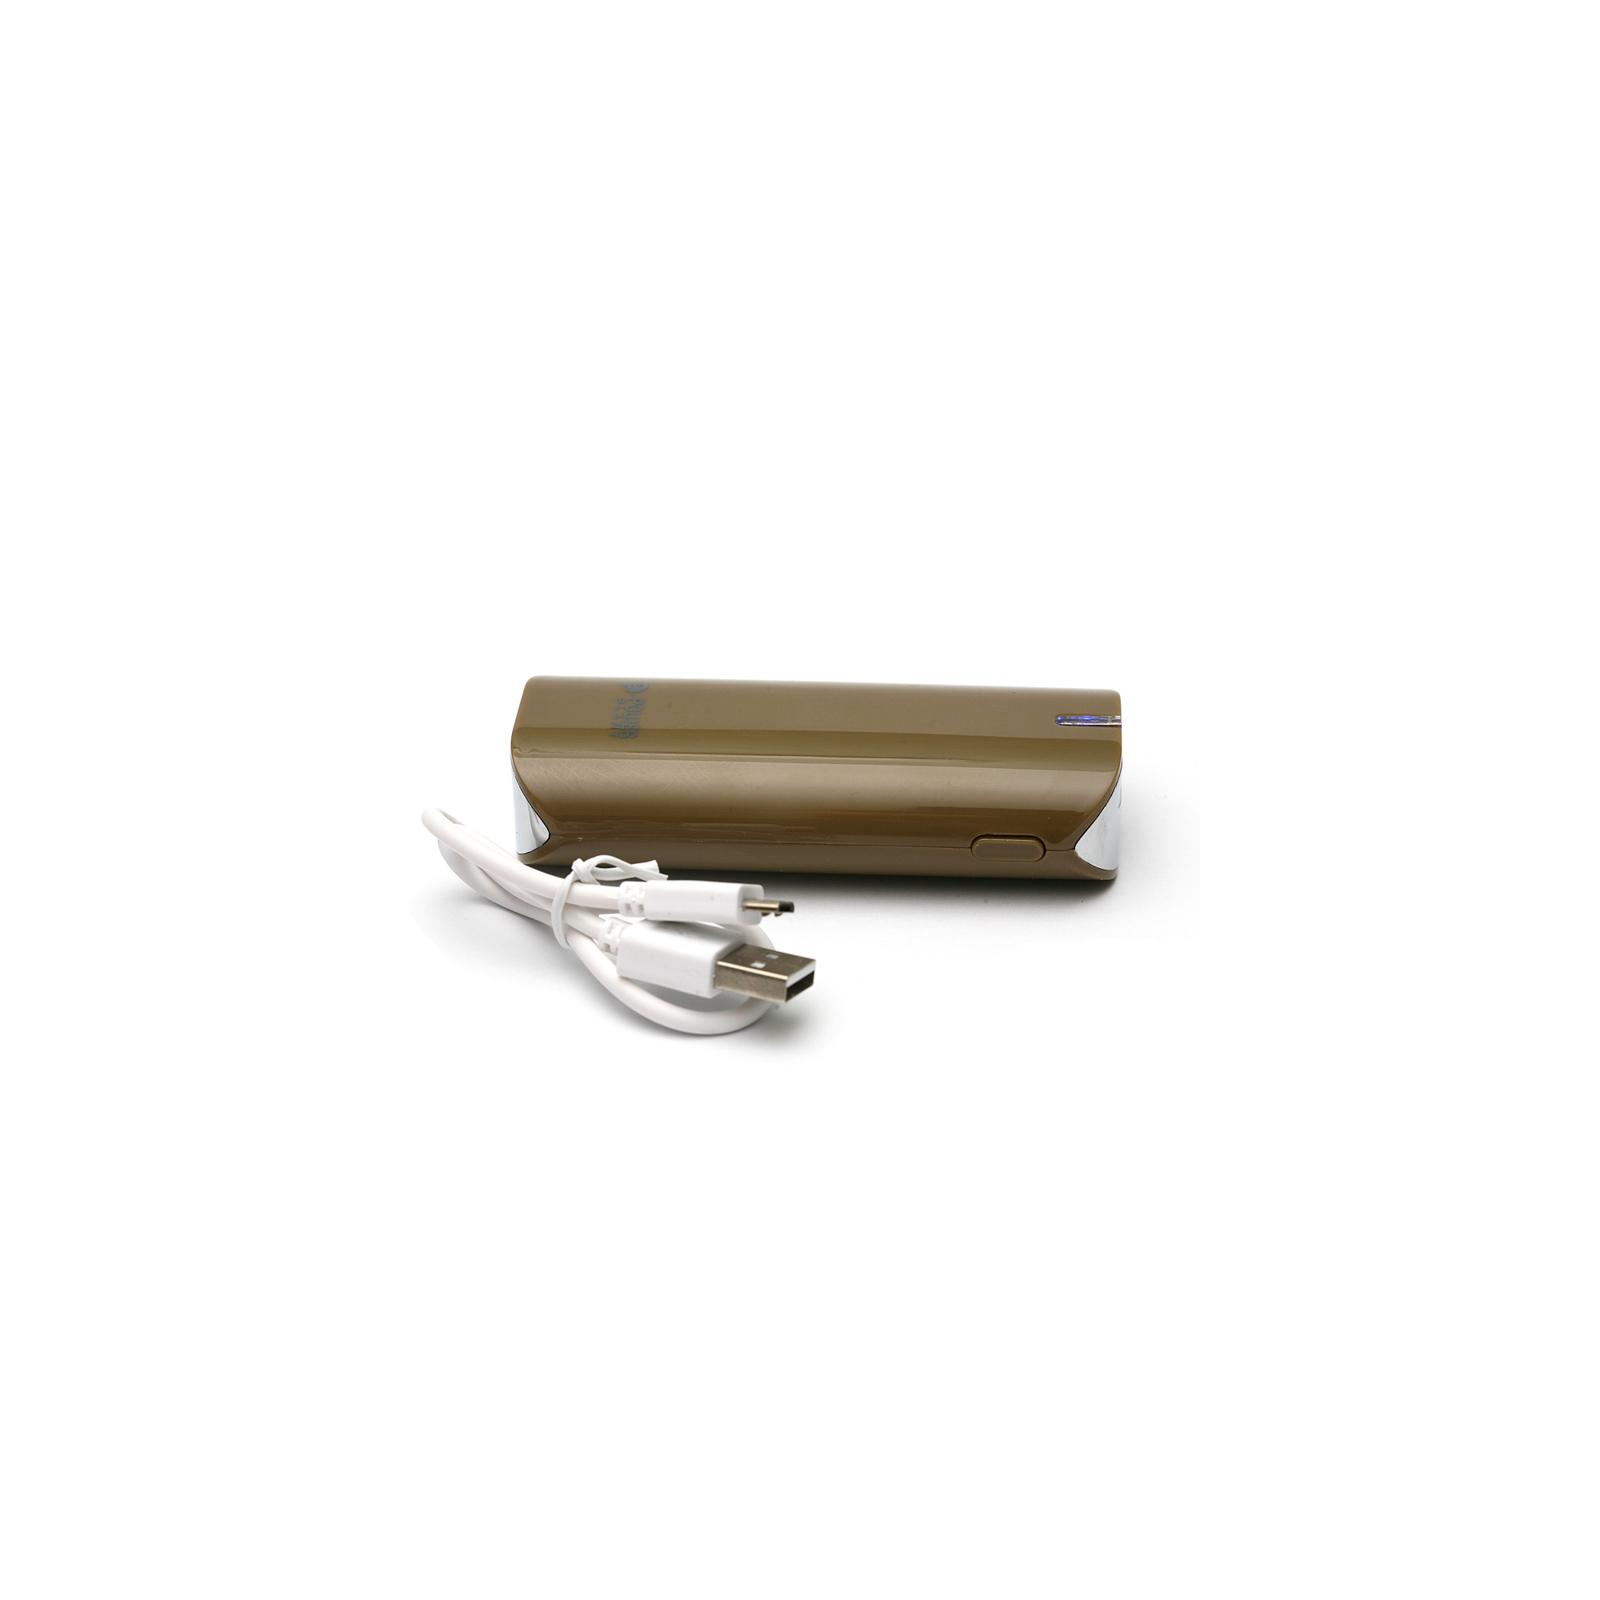 Батарея универсальная PowerPlant PB-LA9005 5200mAh 1*USB/1.0A (PPLA9005) изображение 2